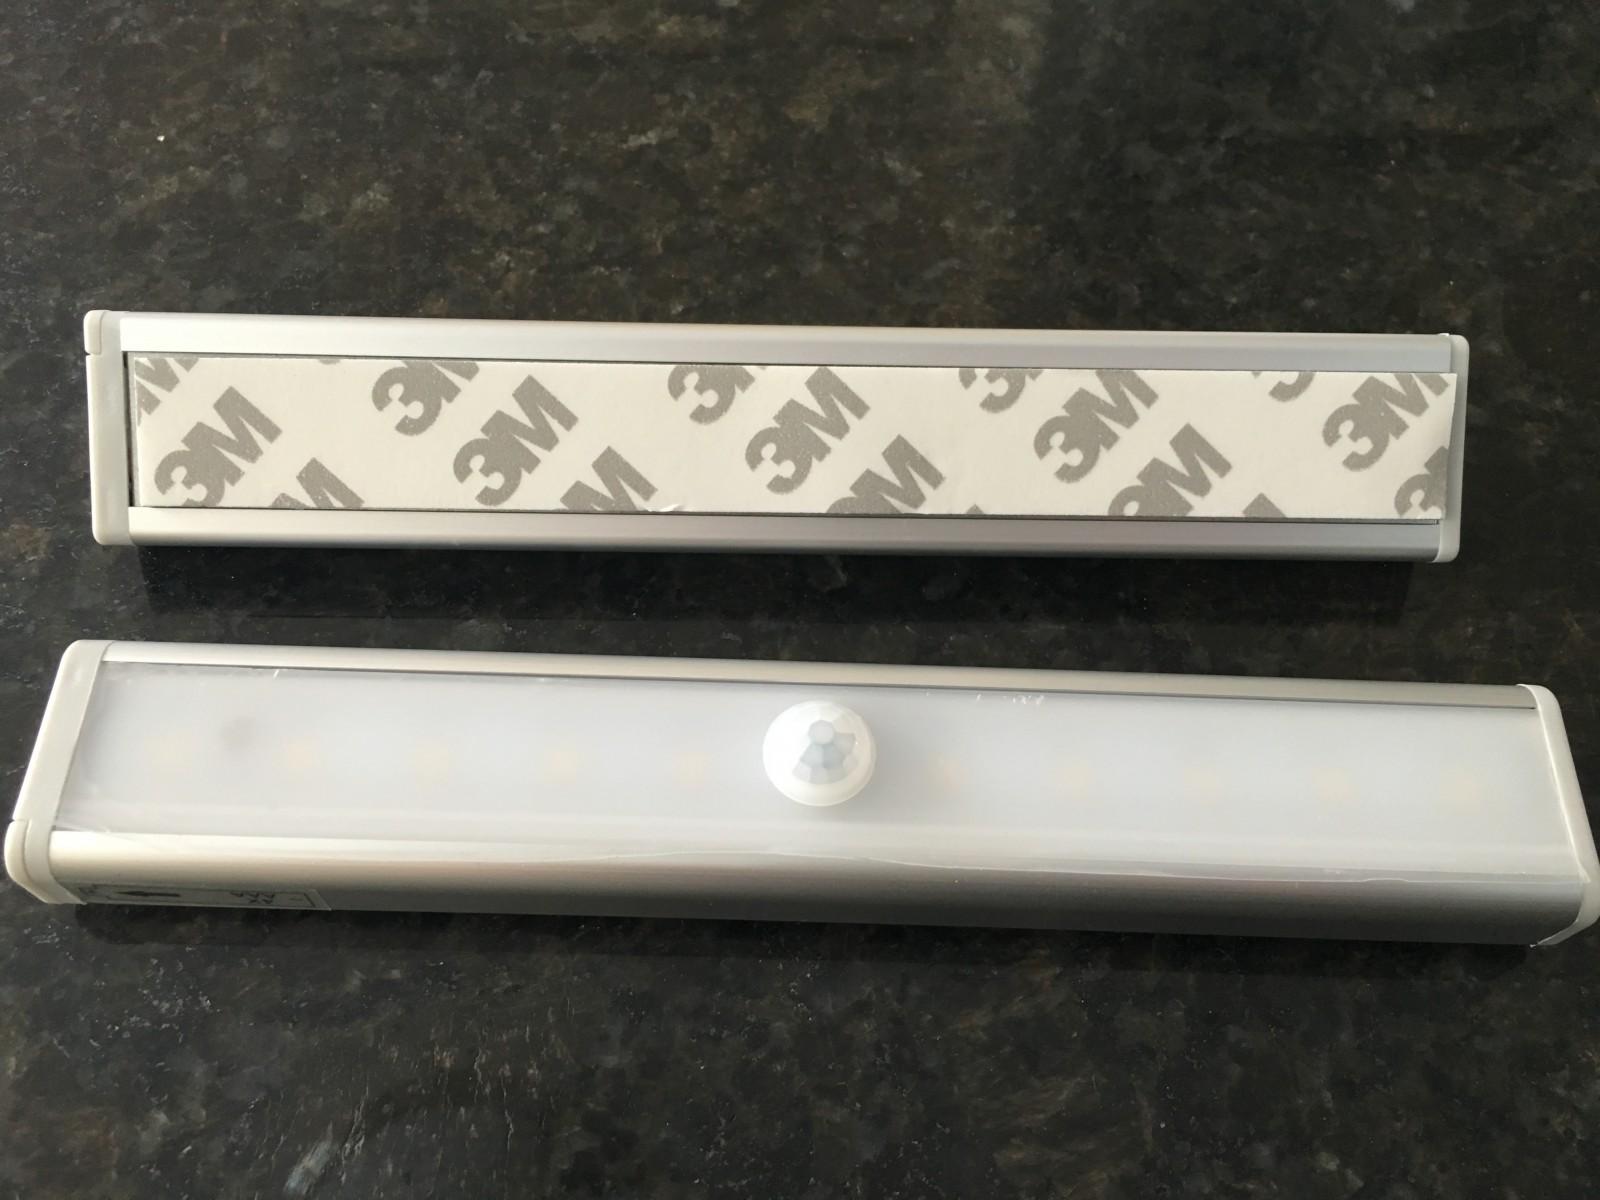 InnoGear Motion Sensor Closet 2 Pack LED Lights Stick On Magnetic